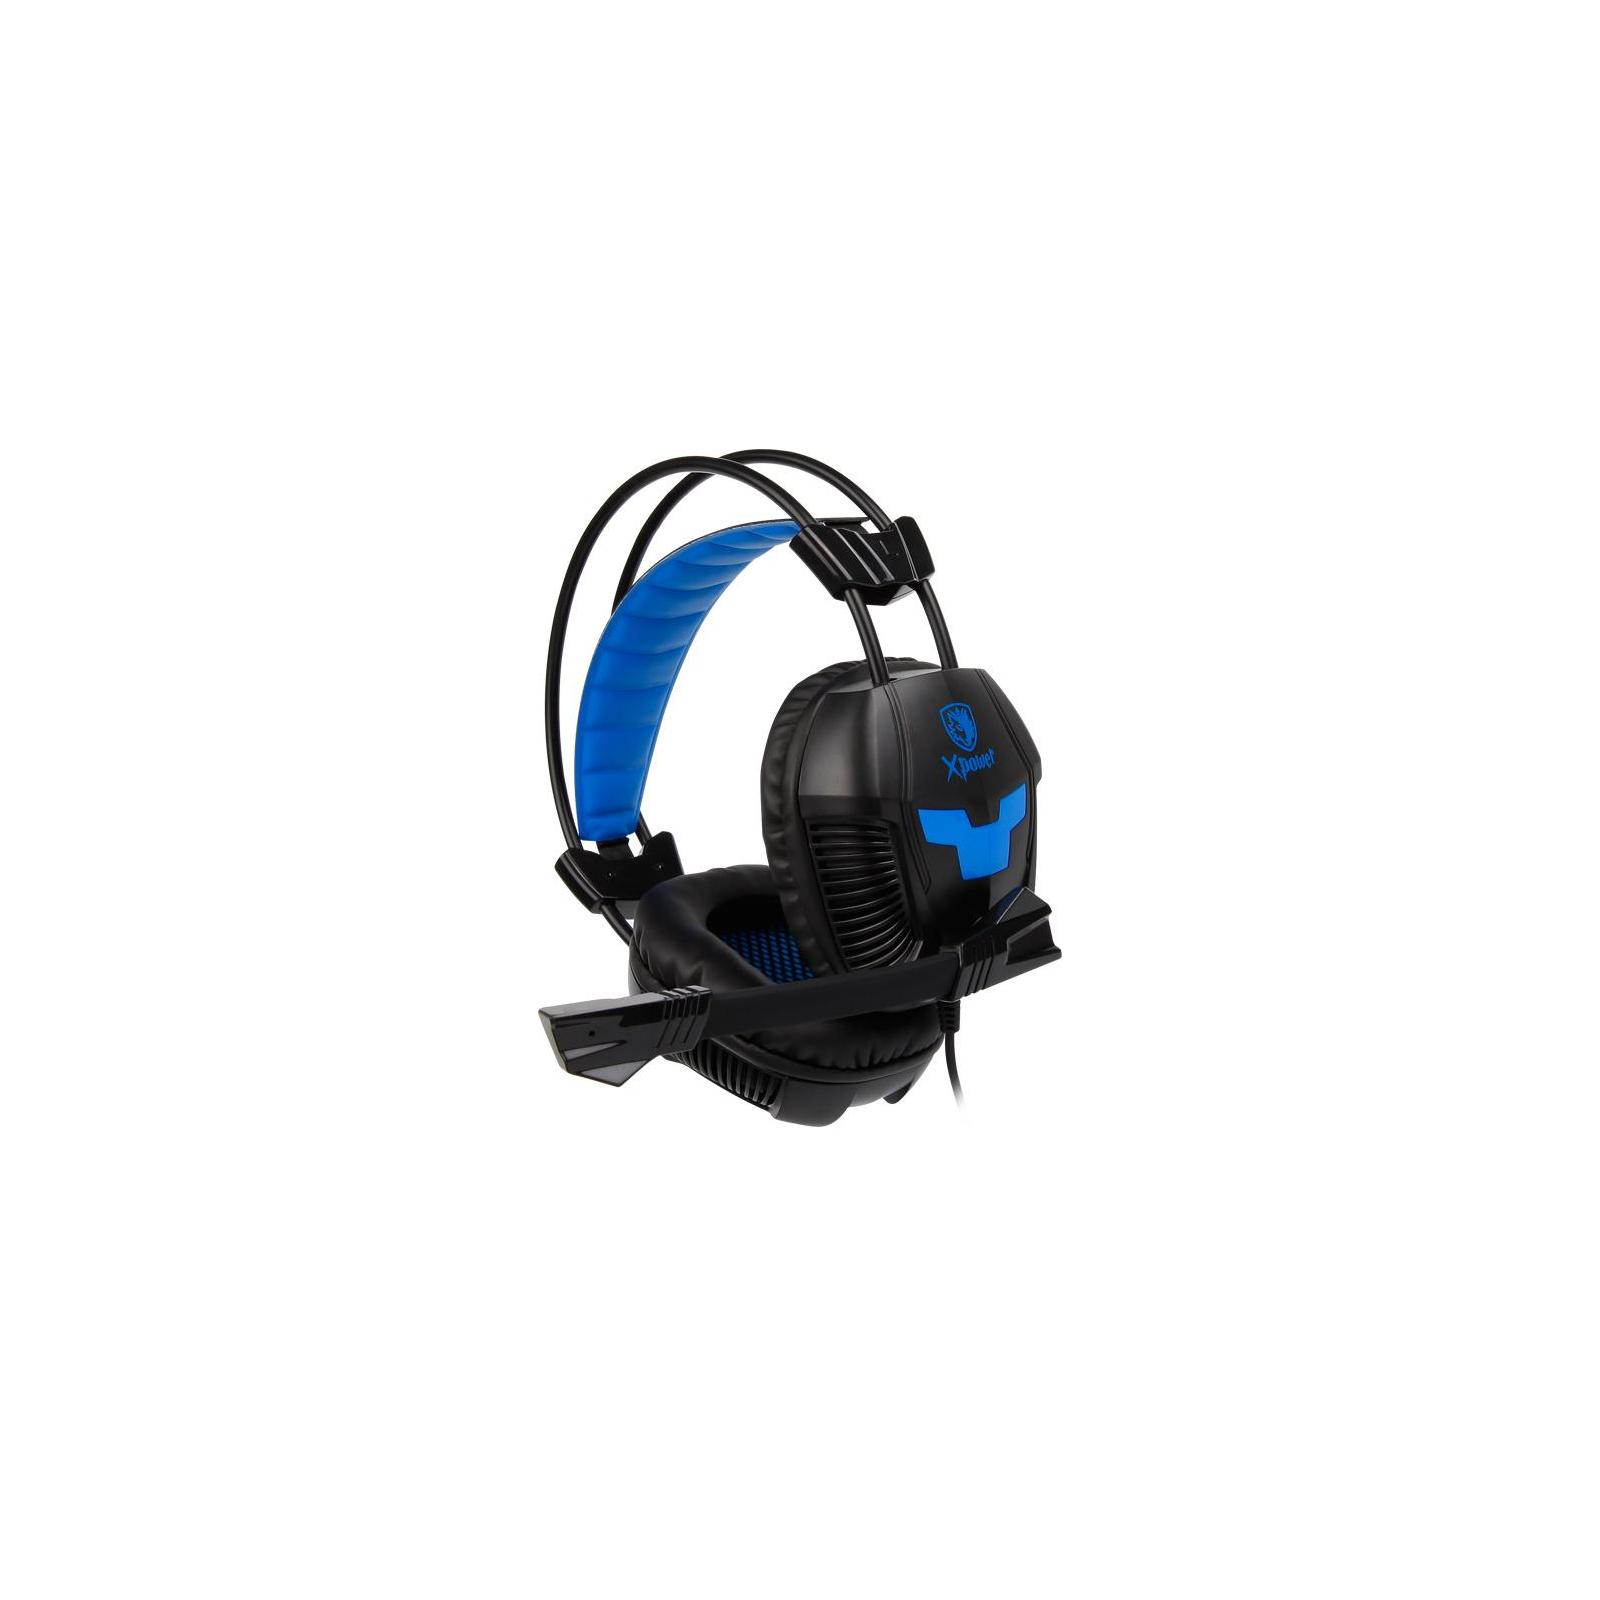 Наушники SADES Xpower Black/Blue (SA706-B-BL) изображение 3